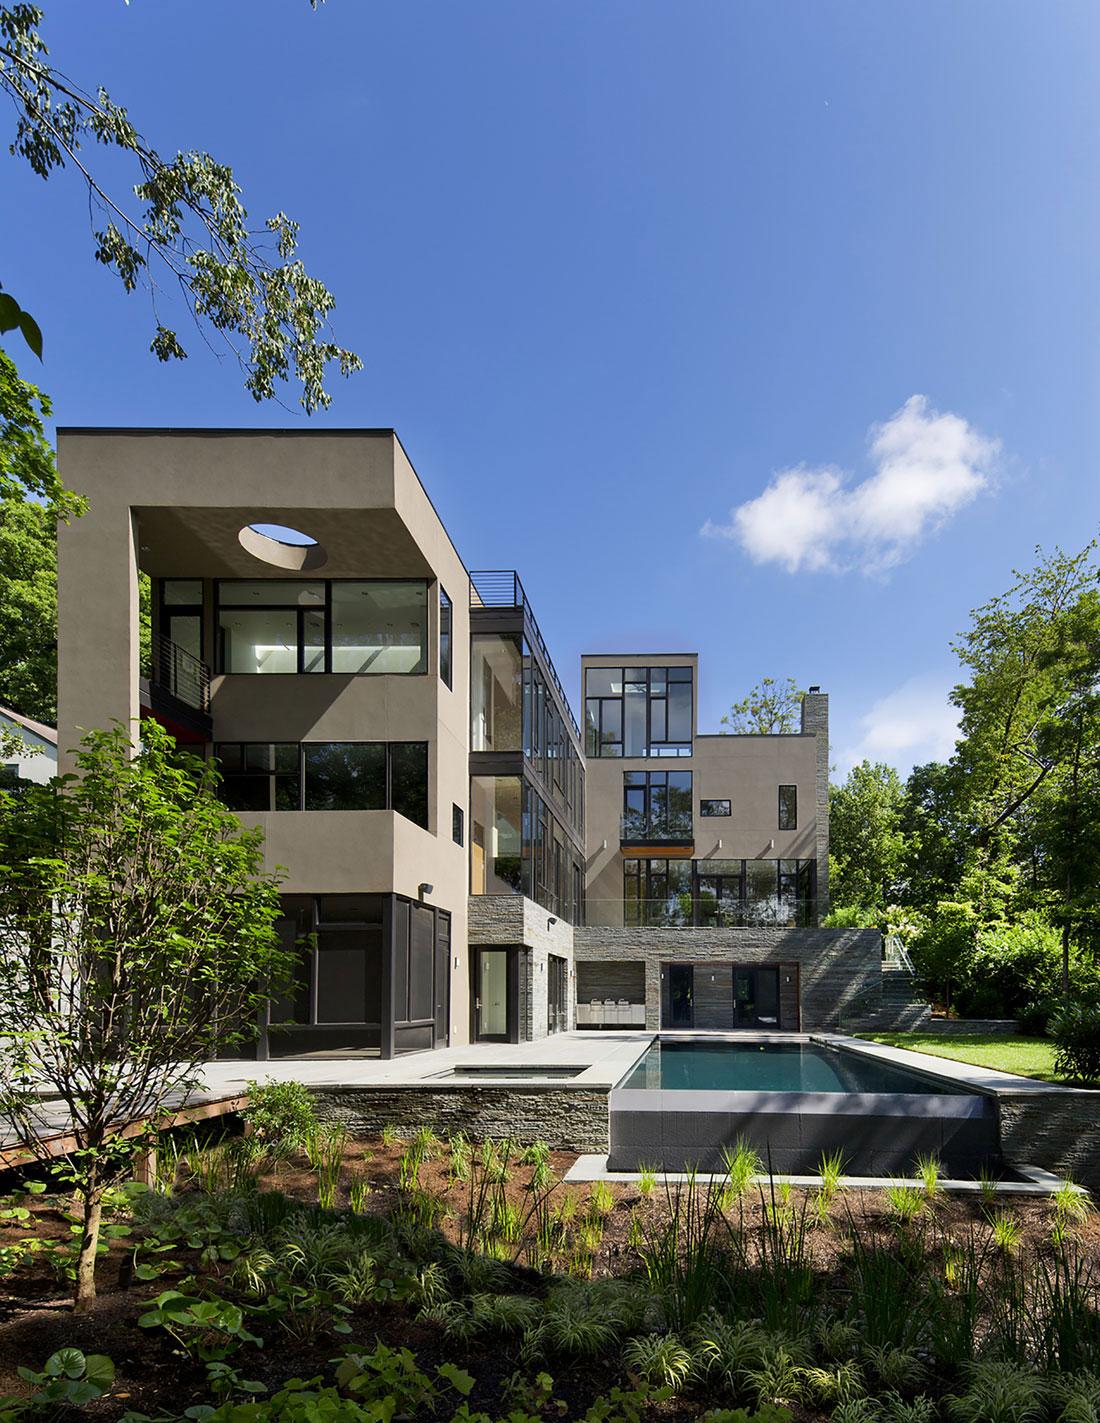 Brandywine-huset-är-en-interiör-design-och-arkitektur-inspiration-2 Brandywine huset är en inspiration för inredning och arkitektur